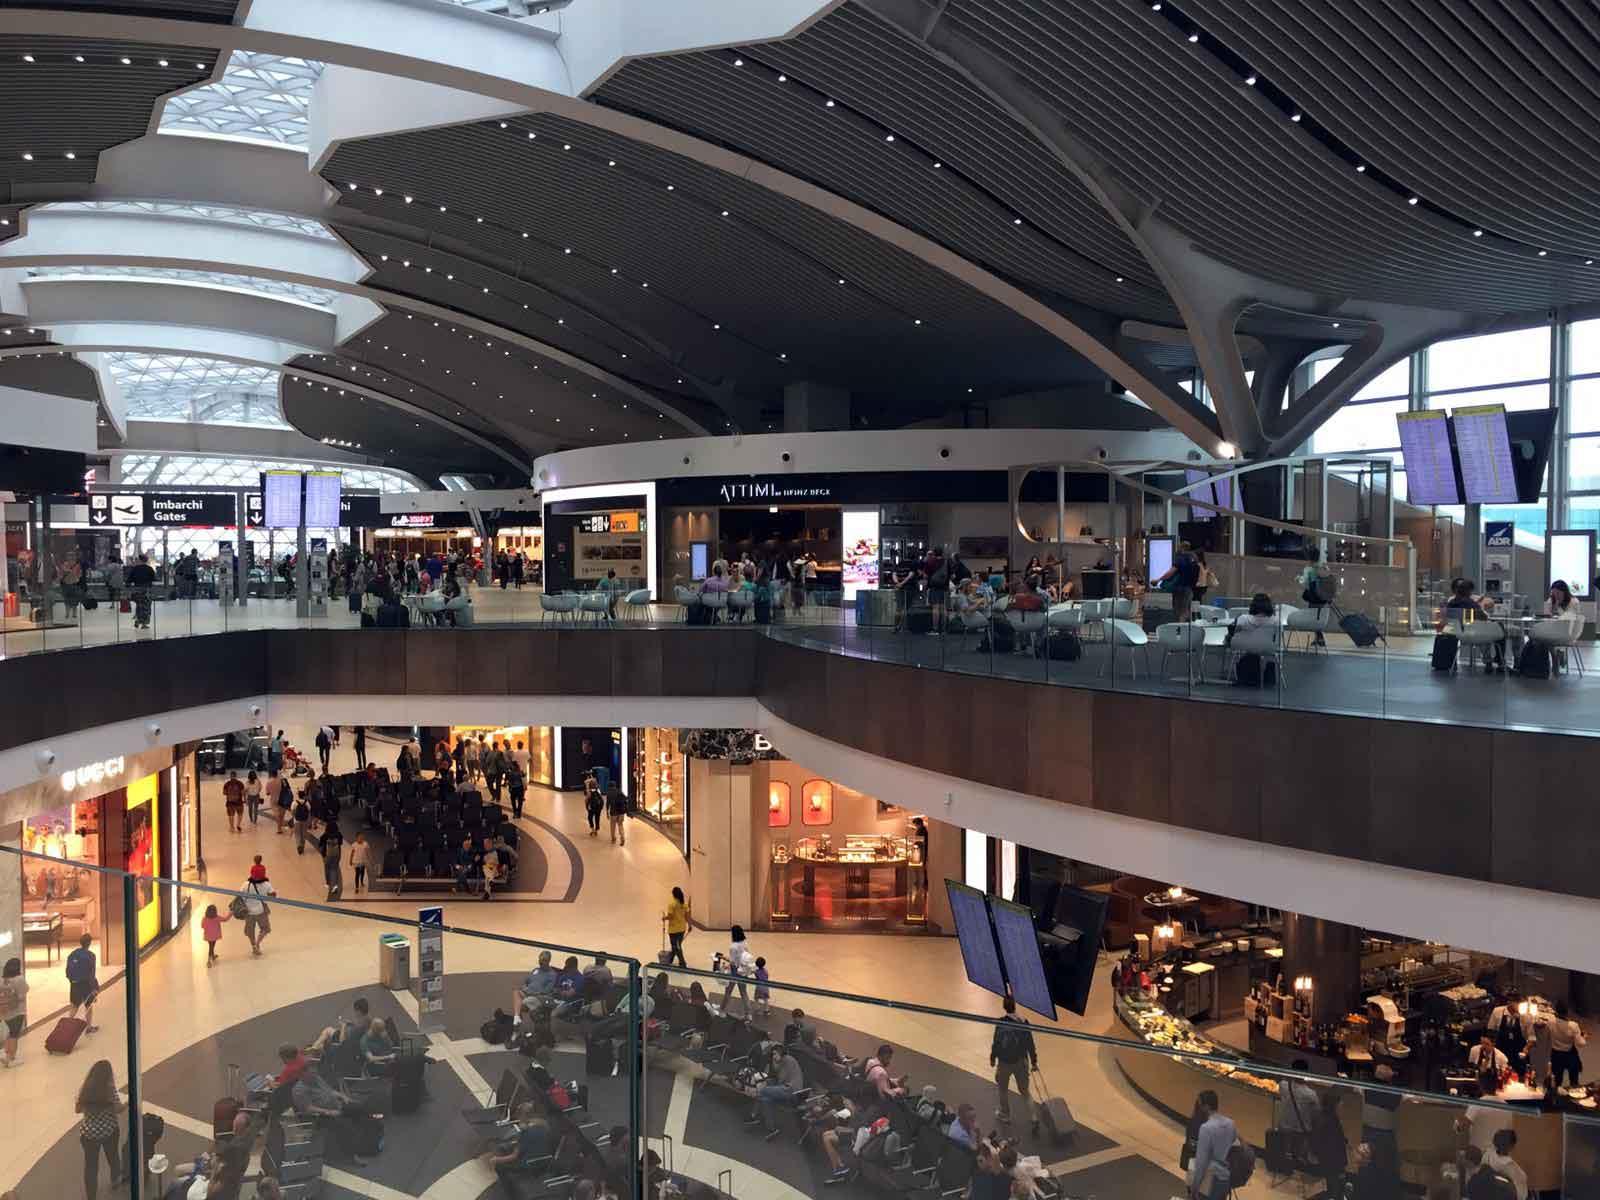 Aeroporto Fiumicino il migliore d'Europa secondo i viaggiatori